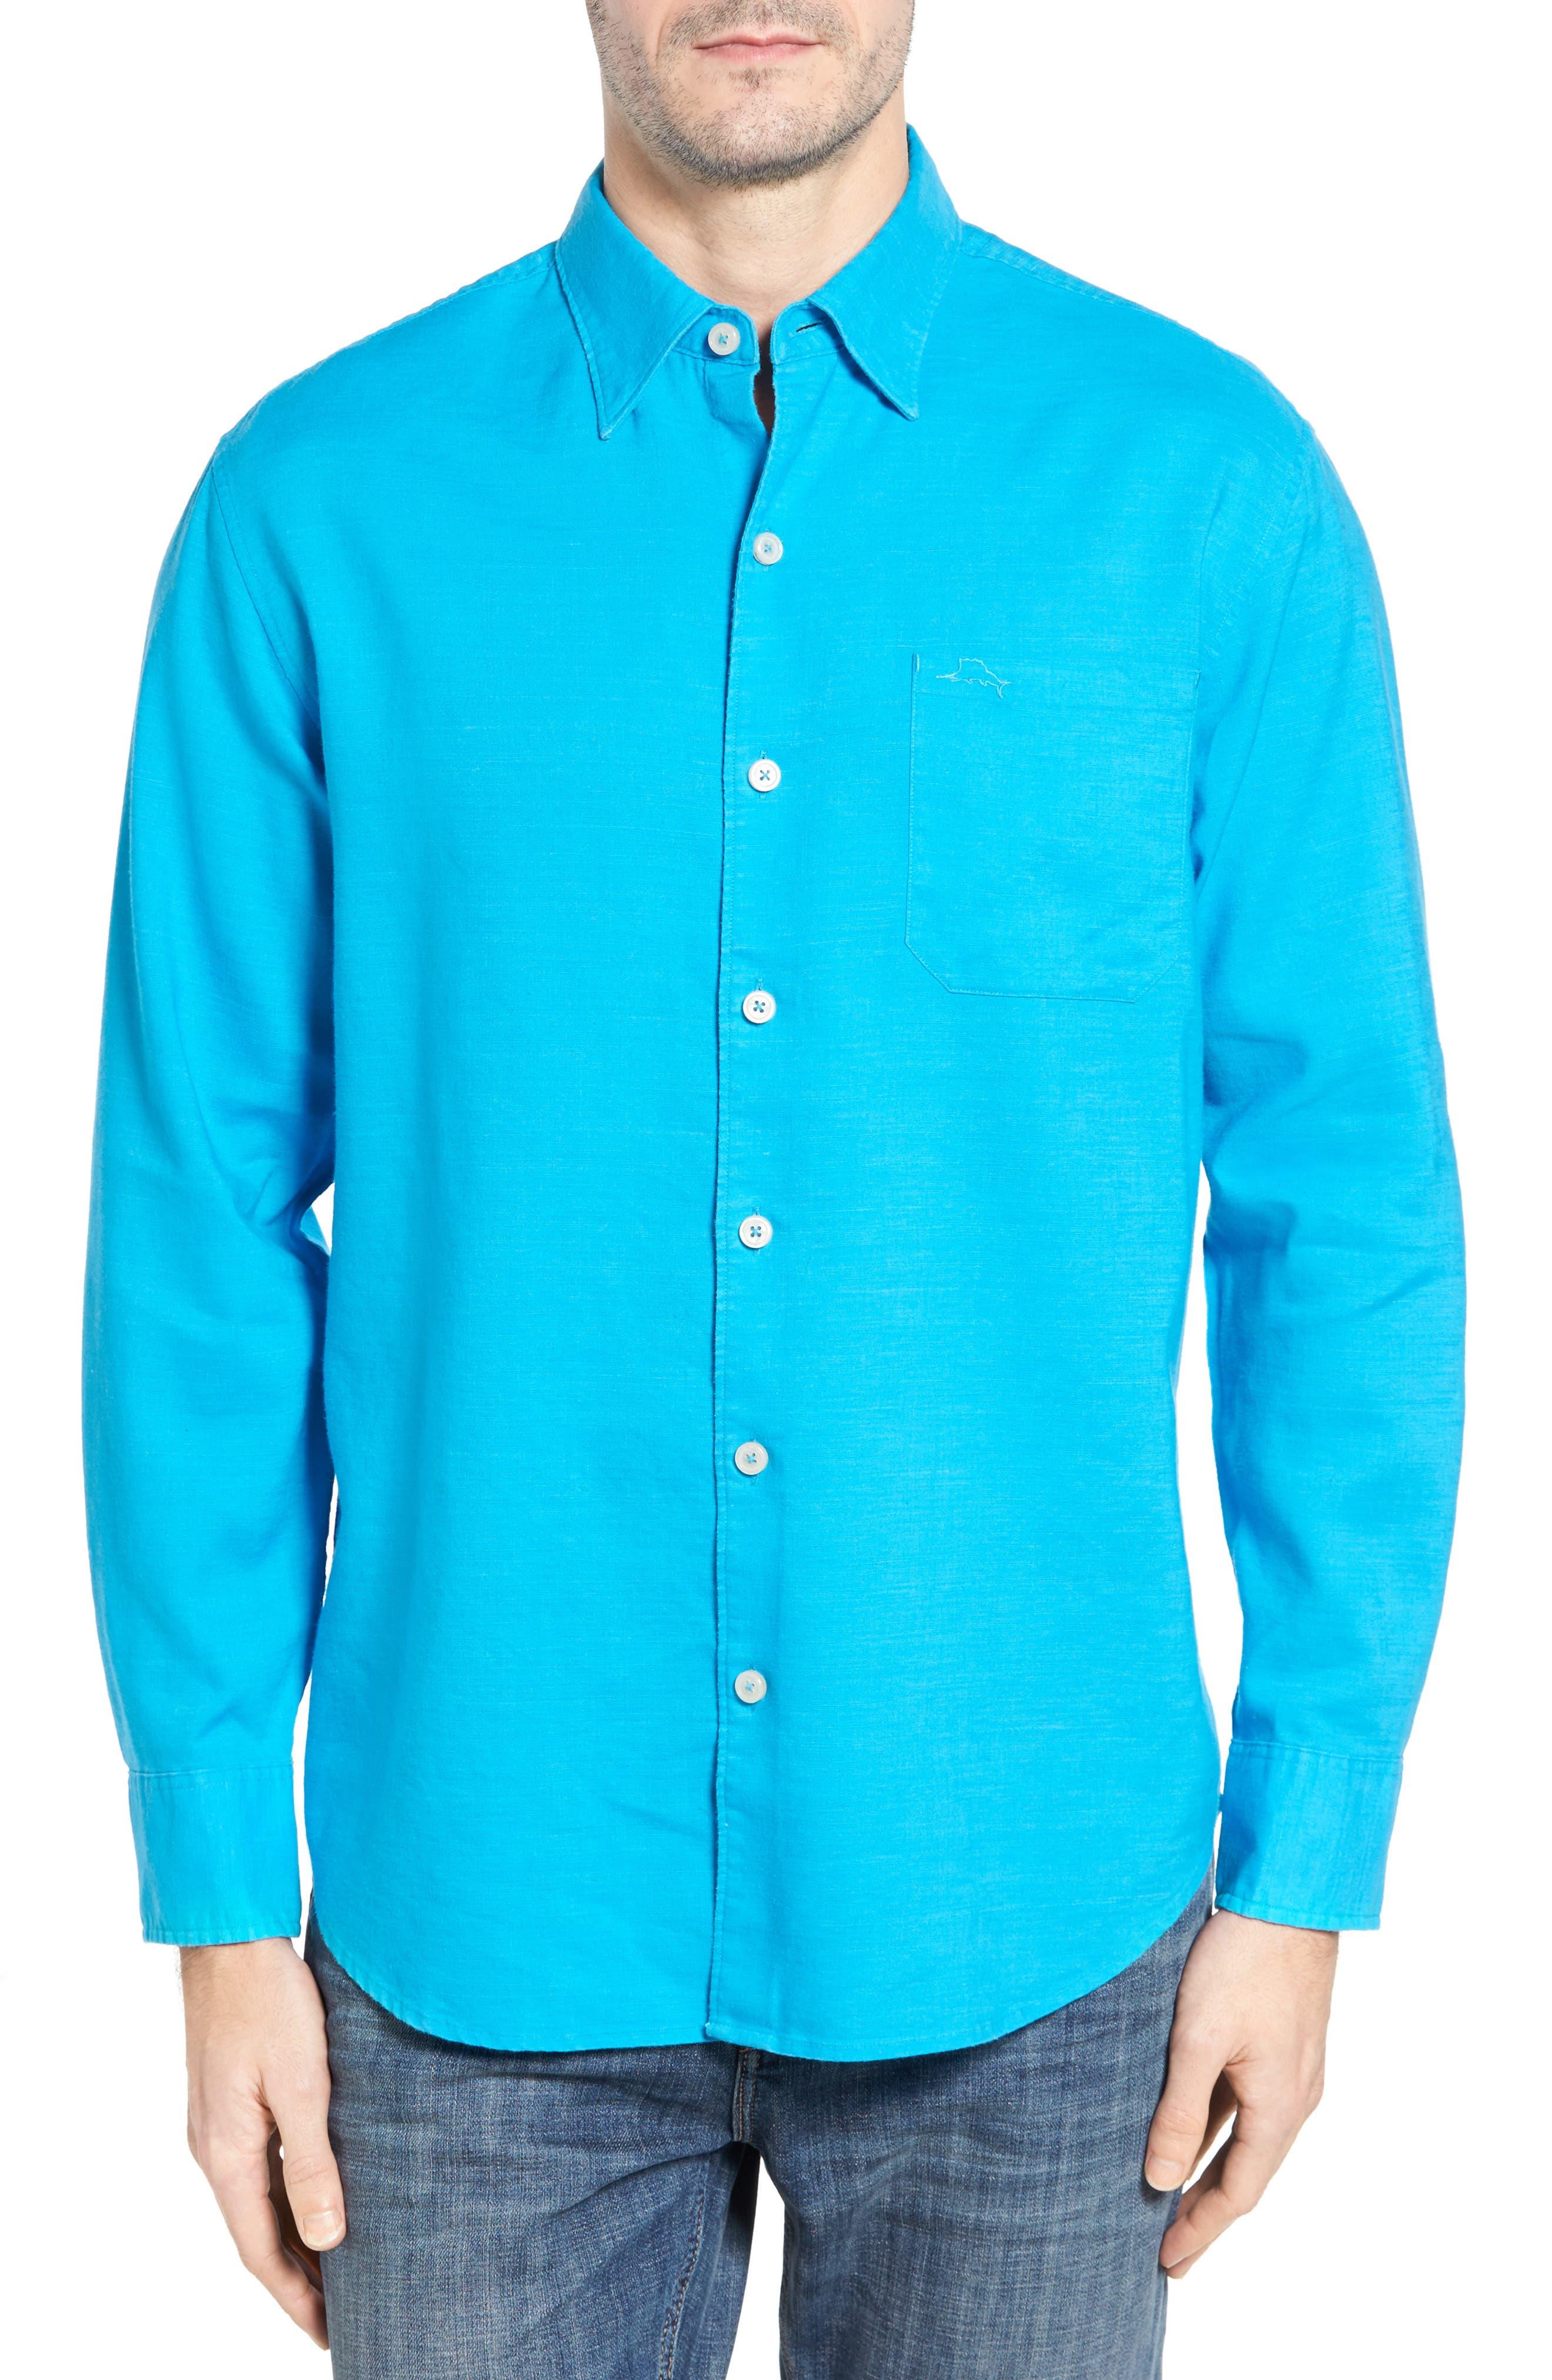 Monaco Tides Linen Blend Sport Shirt,                         Main,                         color, Blue Danube